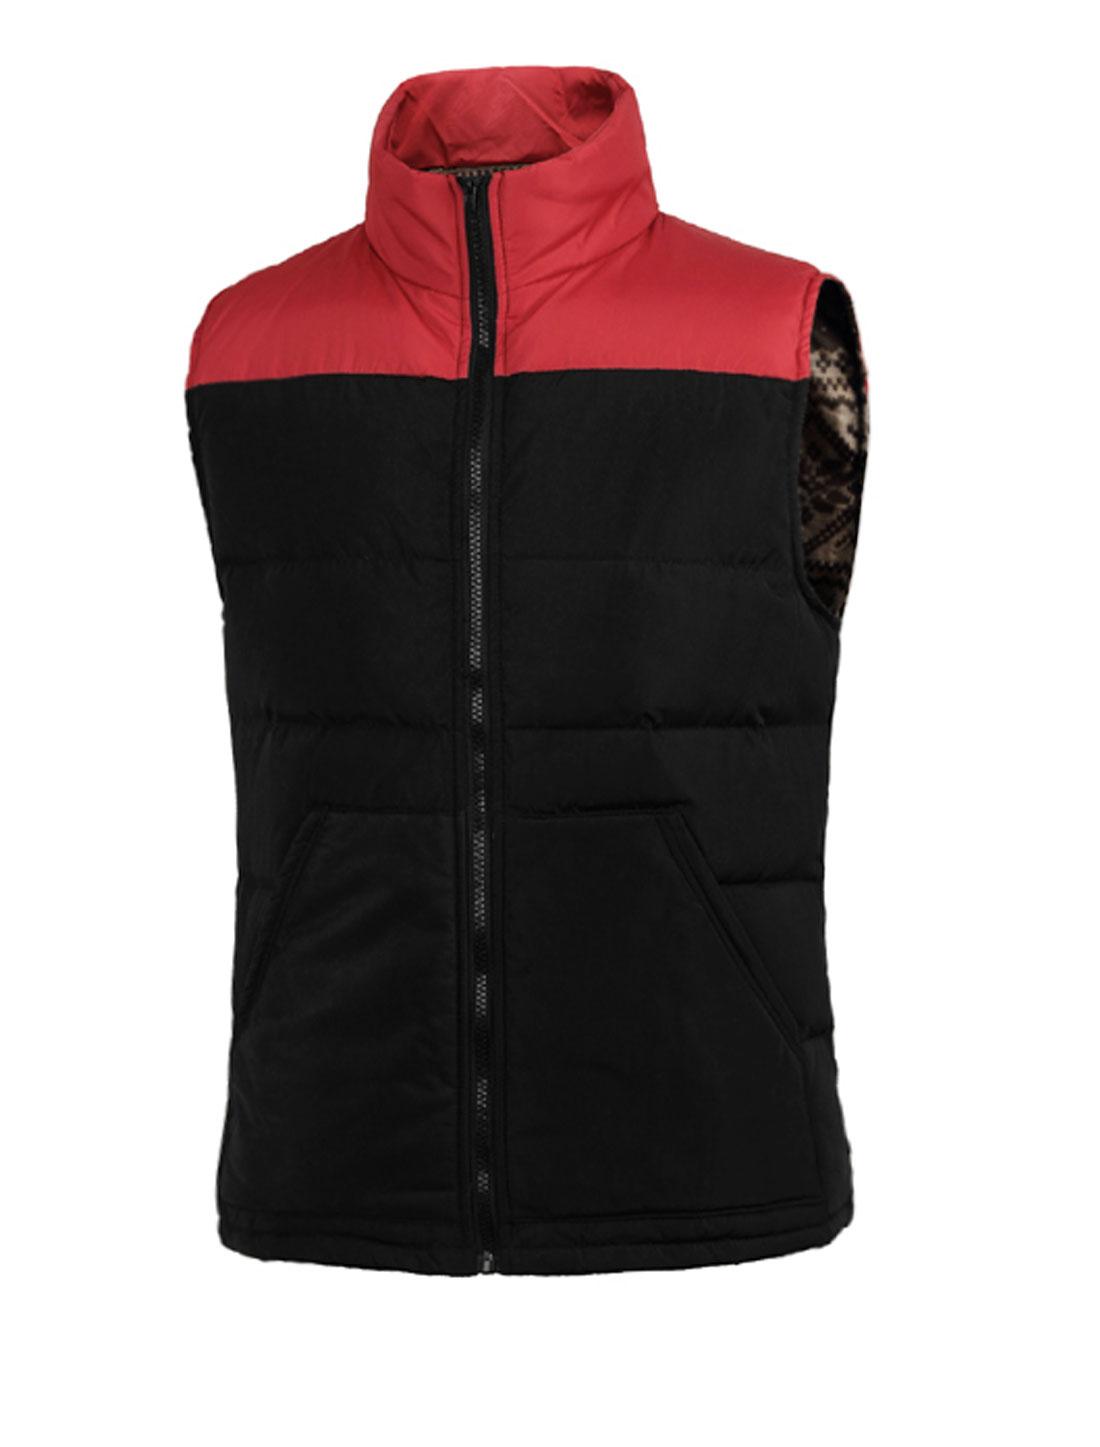 Men Sleeveless Color Blocking NEW Padded Vest Red Black M